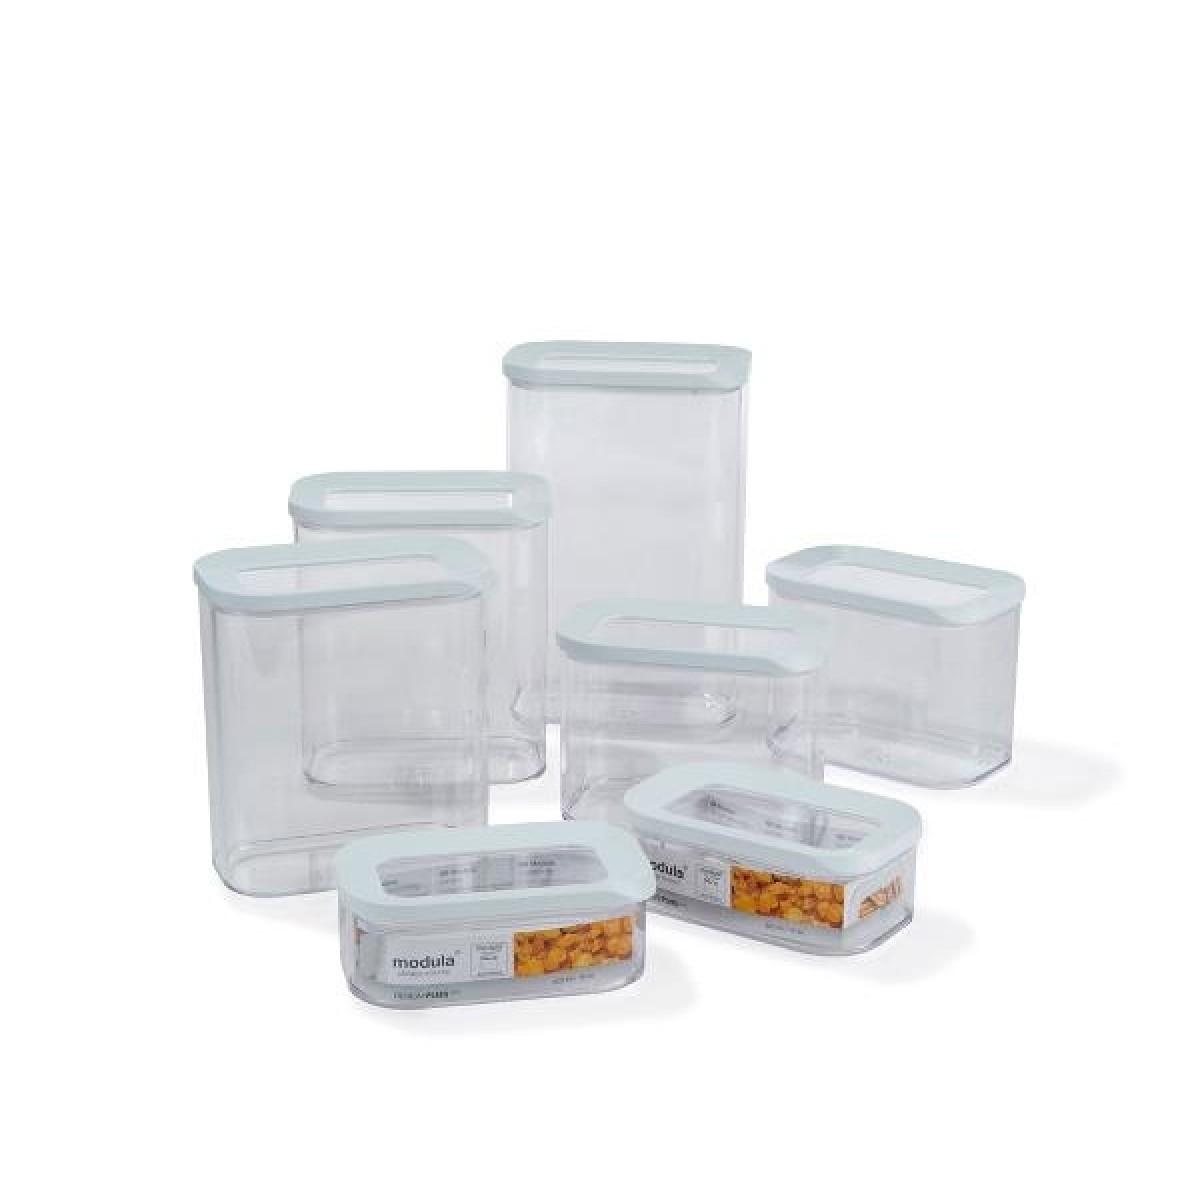 ROSTI MEPAL Modula opbevaringsbokse med låg 7 stk hvid